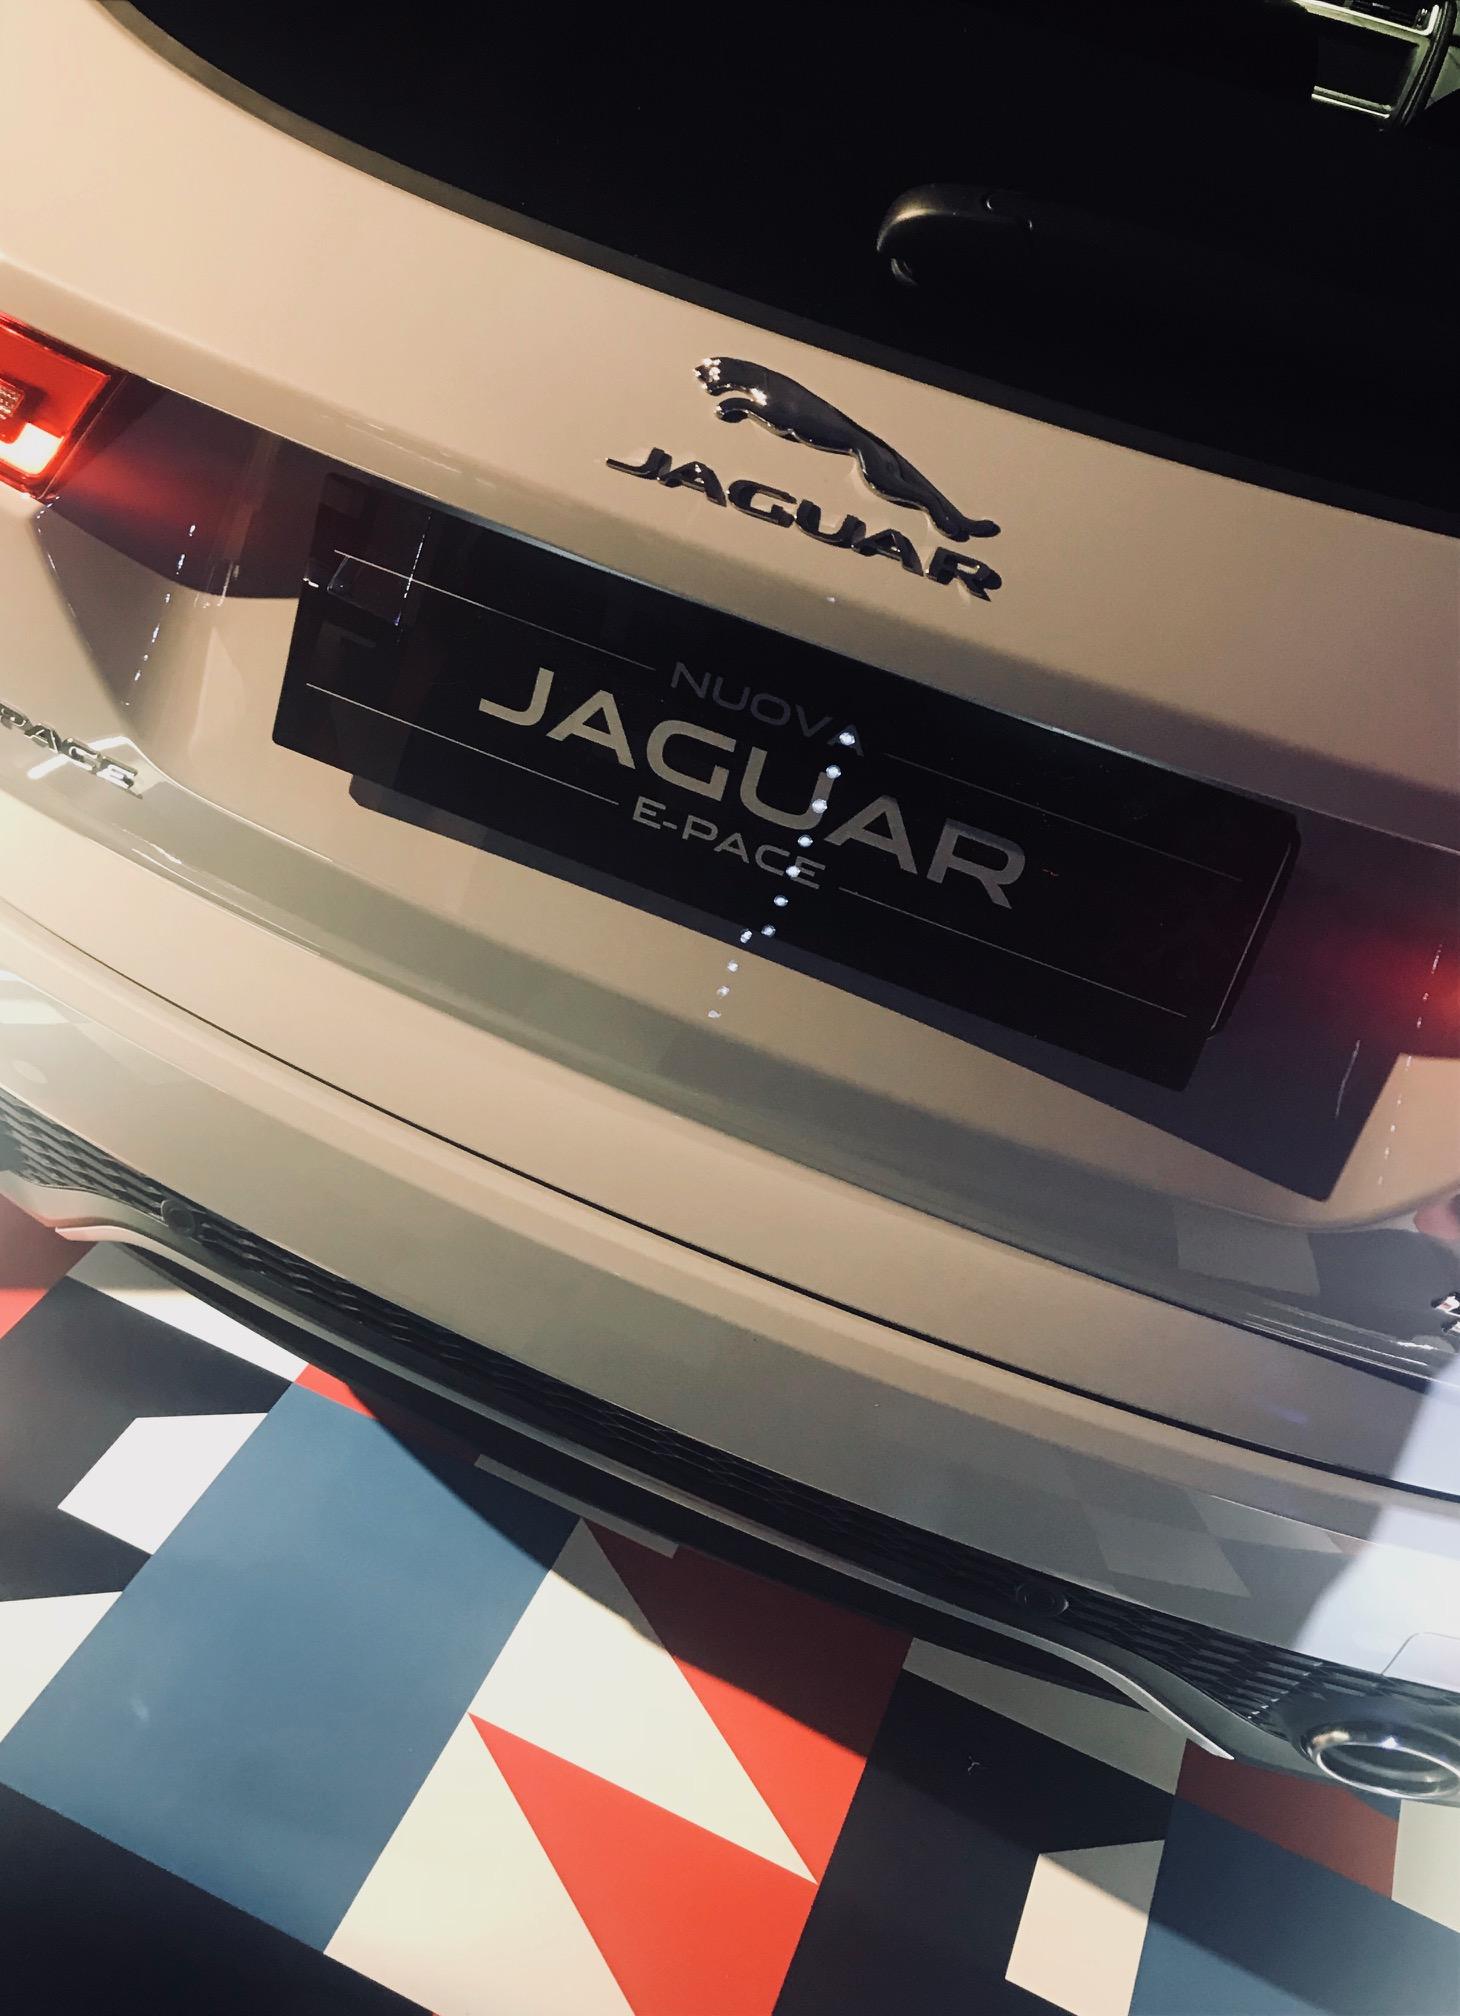 nuovo suv e-pace di jaguar